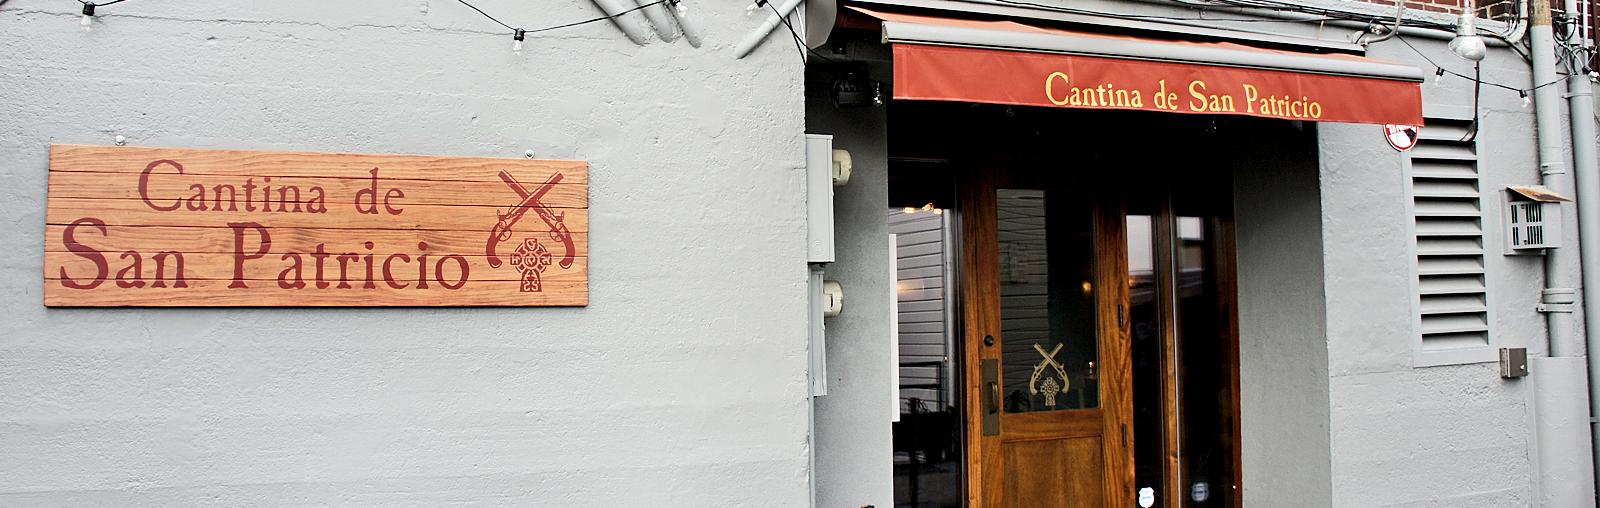 Cantina-de-San-Patricio---Entrance-2.jpg